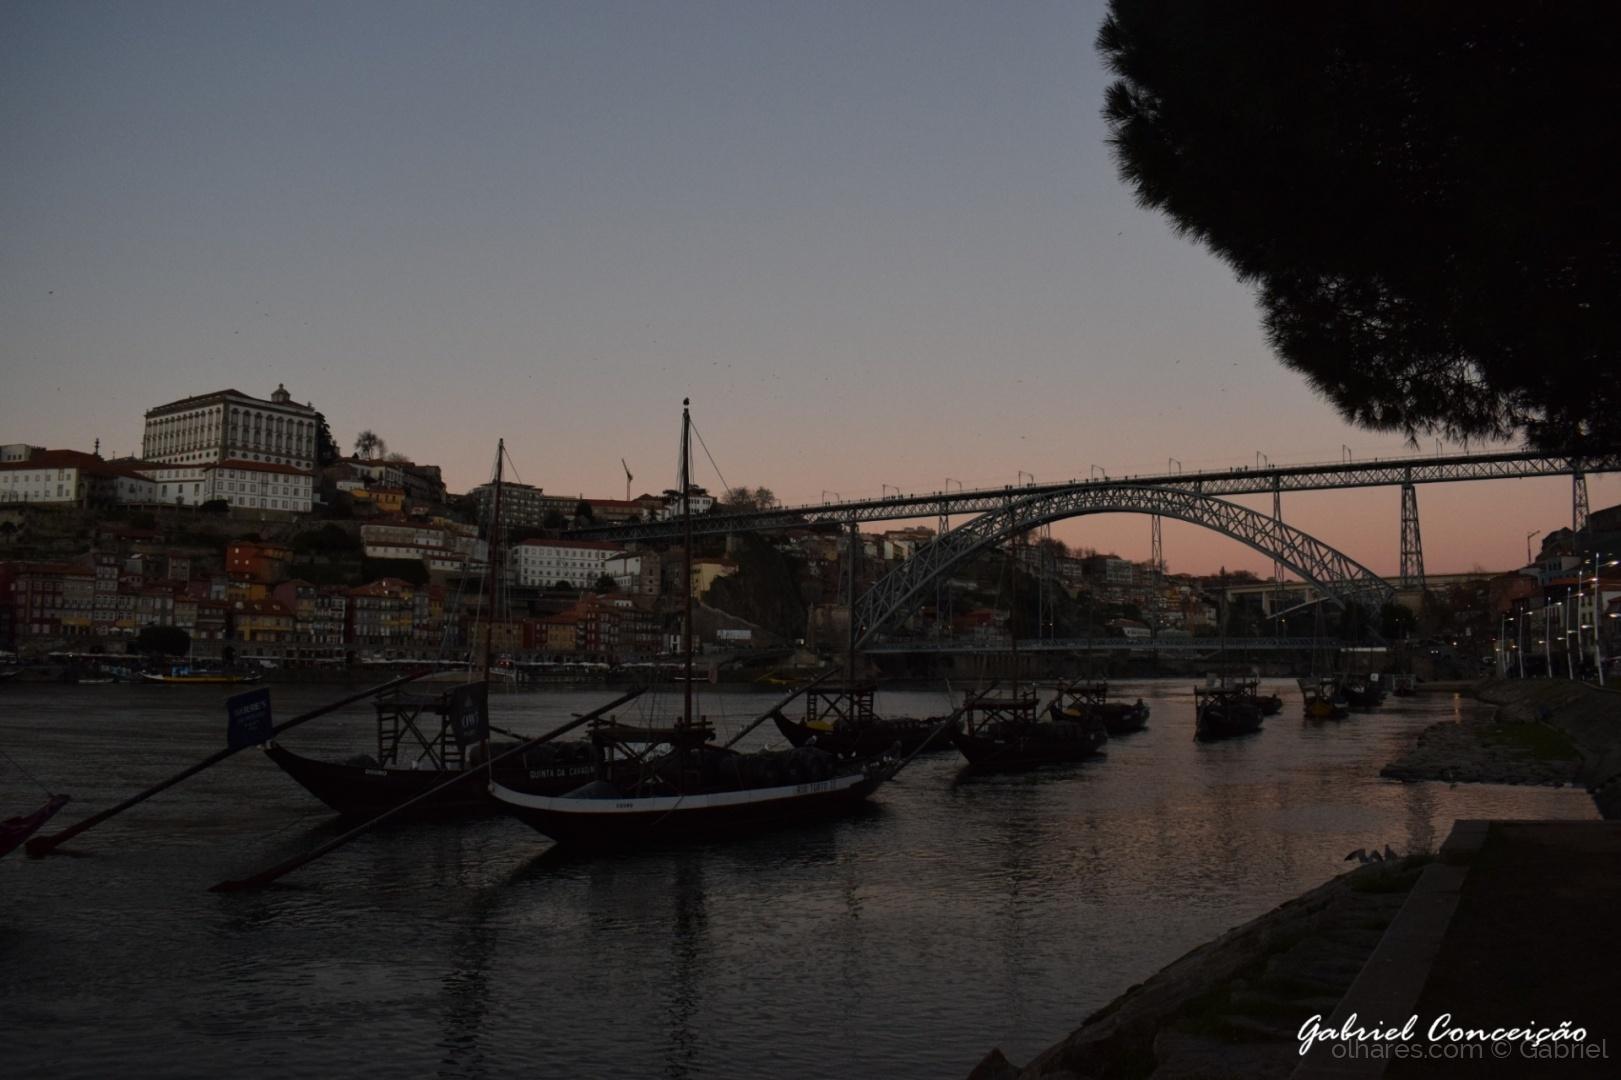 Paisagem Urbana/Douro - Barcos Rabelos